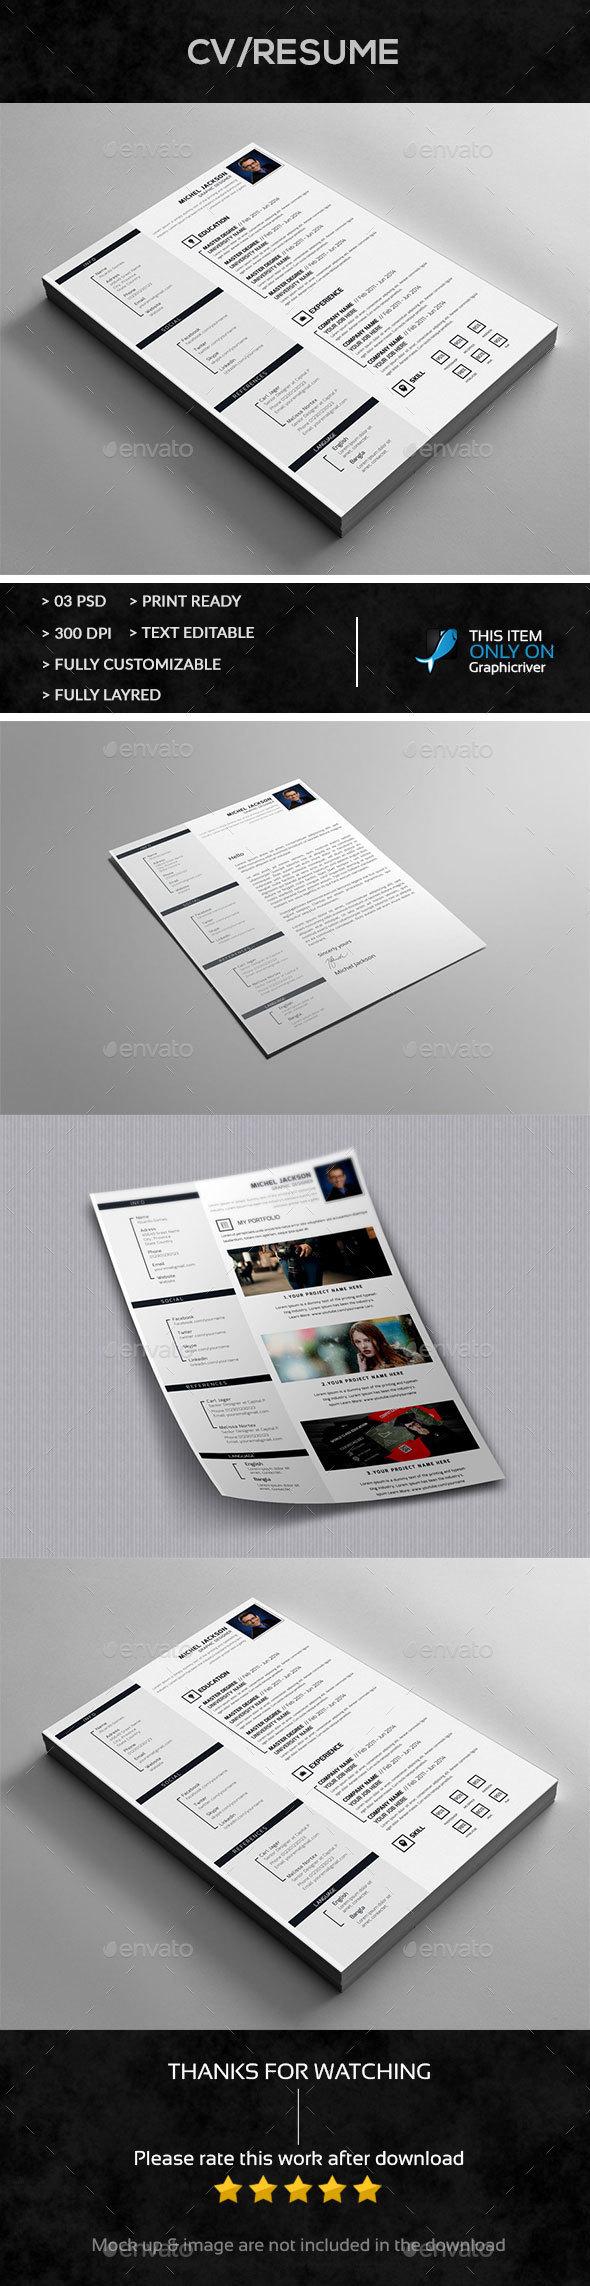 Resume+Cover Letter Design